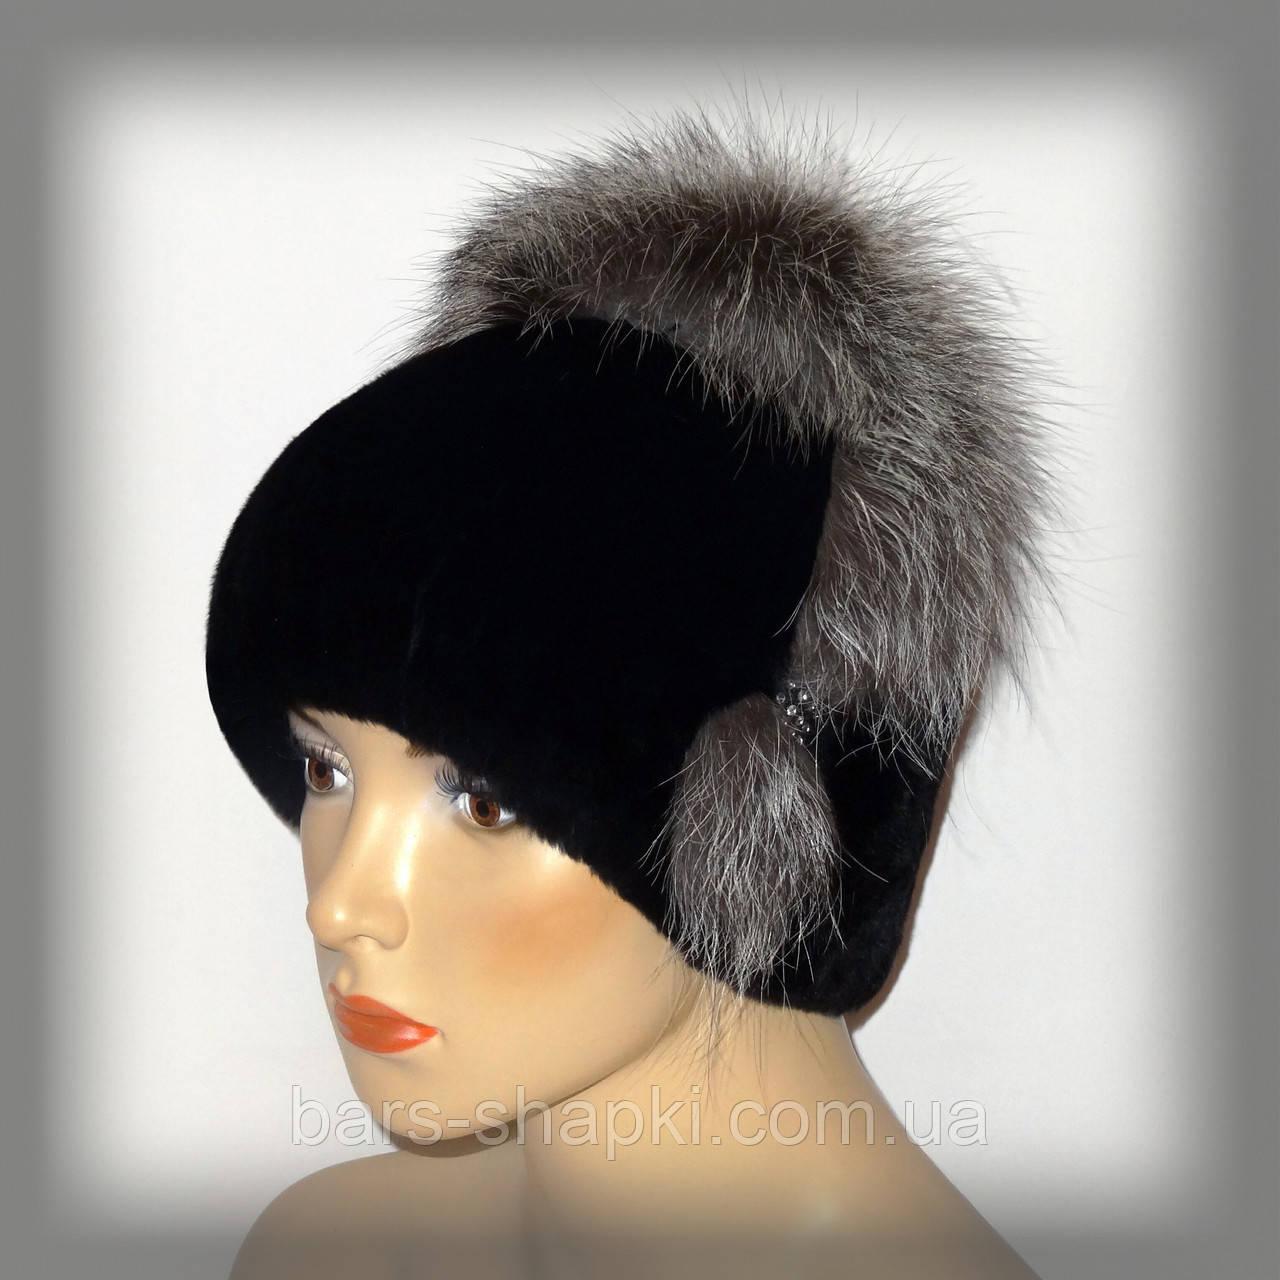 Меховая шапка из Rex Rabbit (комбинированная с чернобуркой)